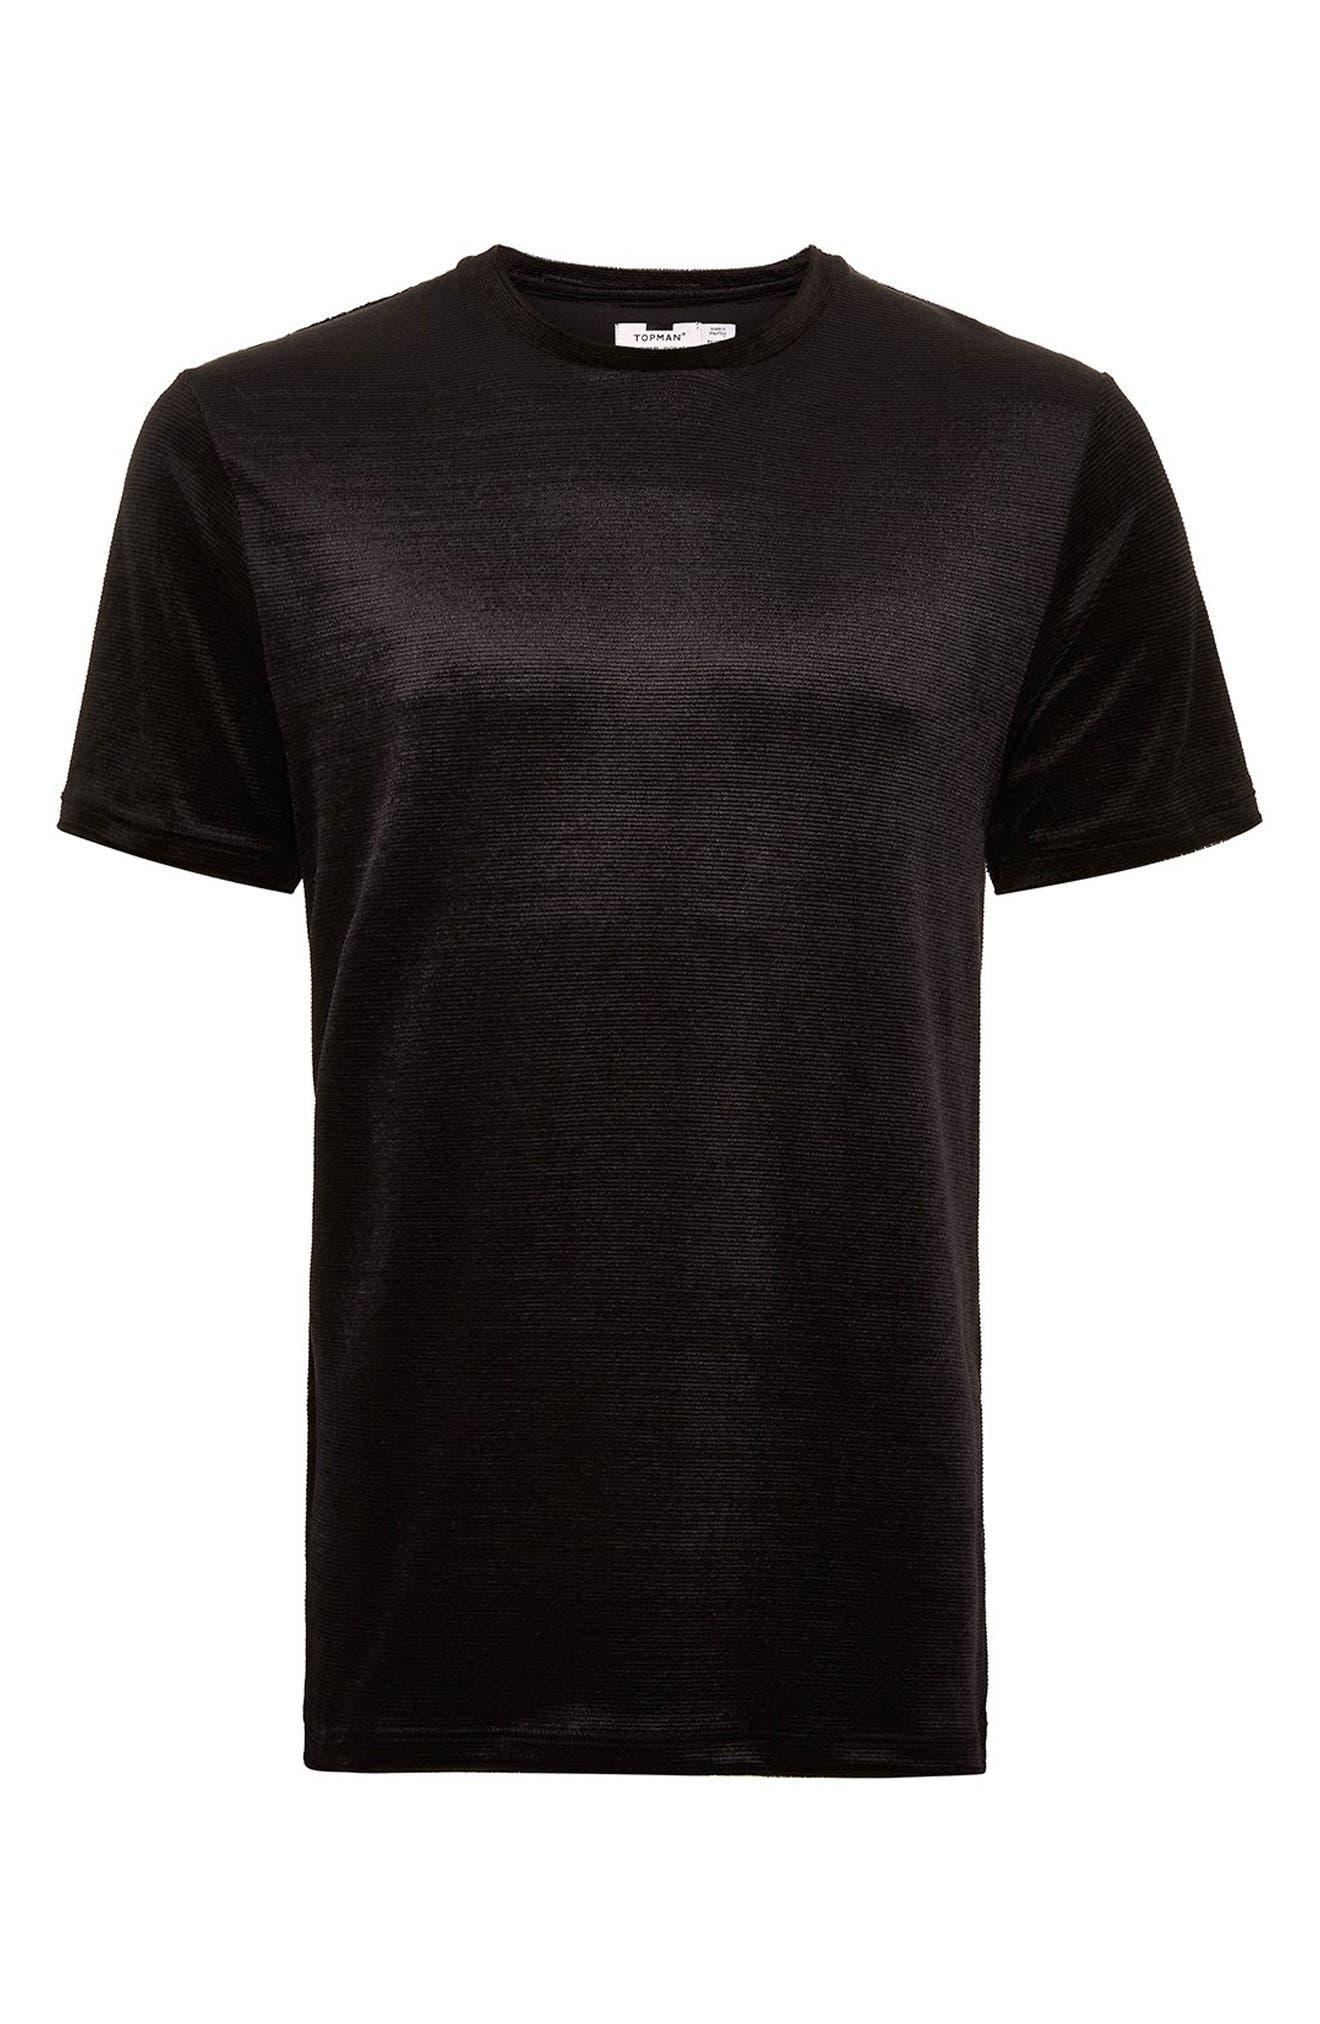 Topshop Velour Classic Fit T-Shirt,                             Alternate thumbnail 3, color,                             BLACK